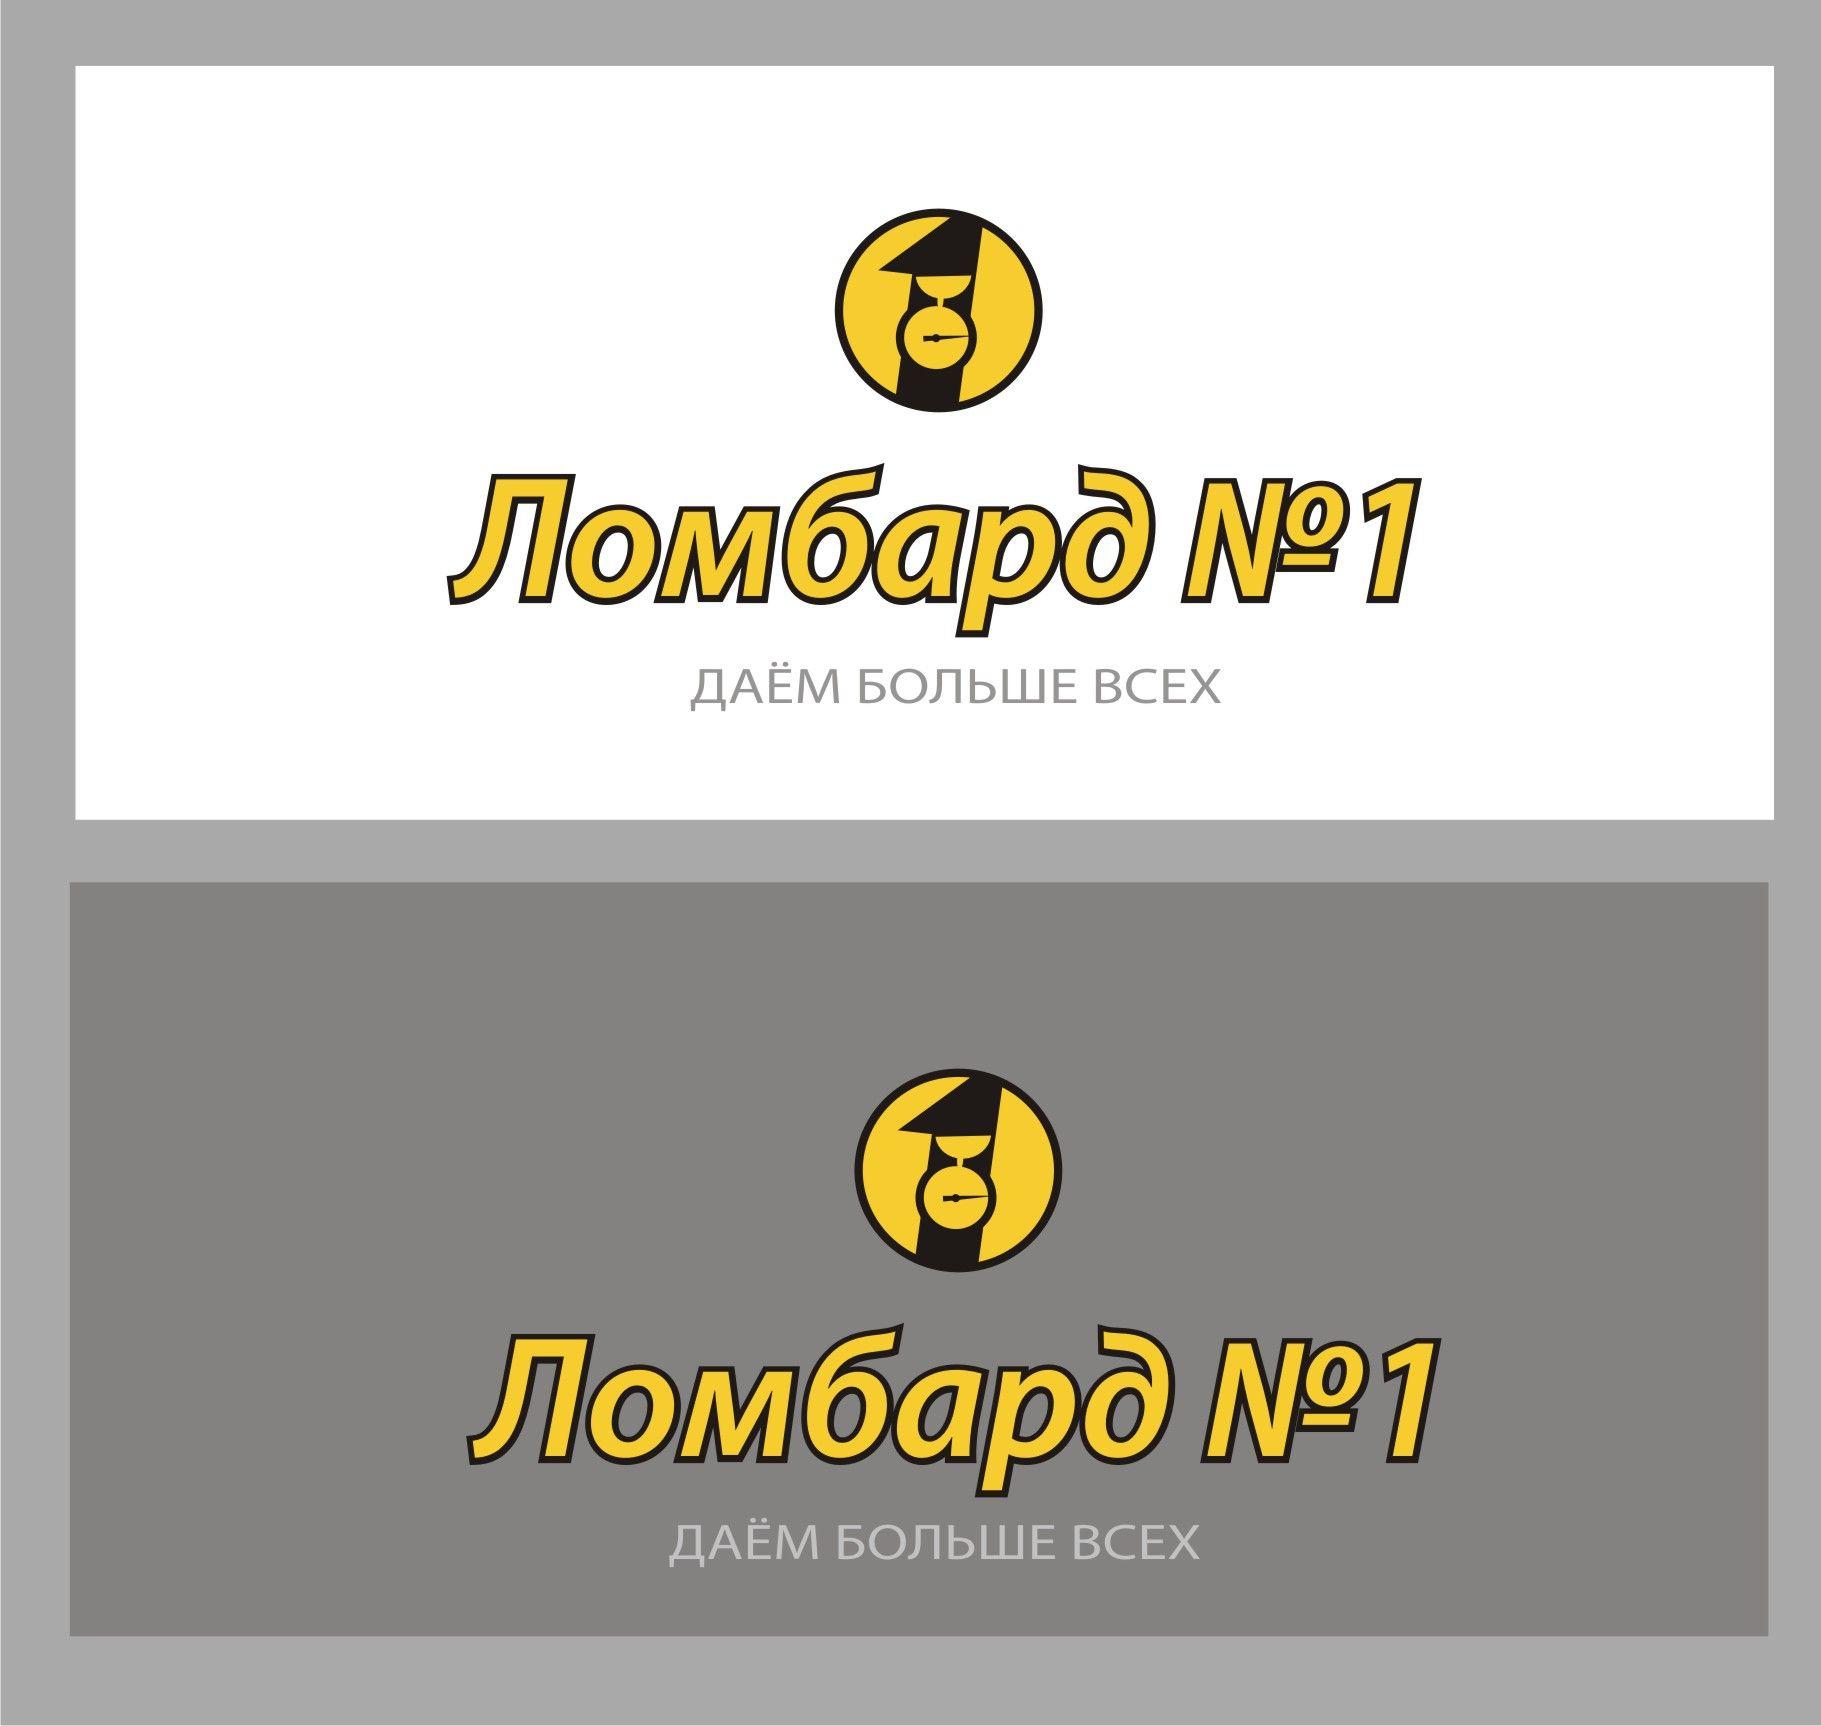 Дизайн логотипа Ломбард №1 - дизайнер dbyjuhfl